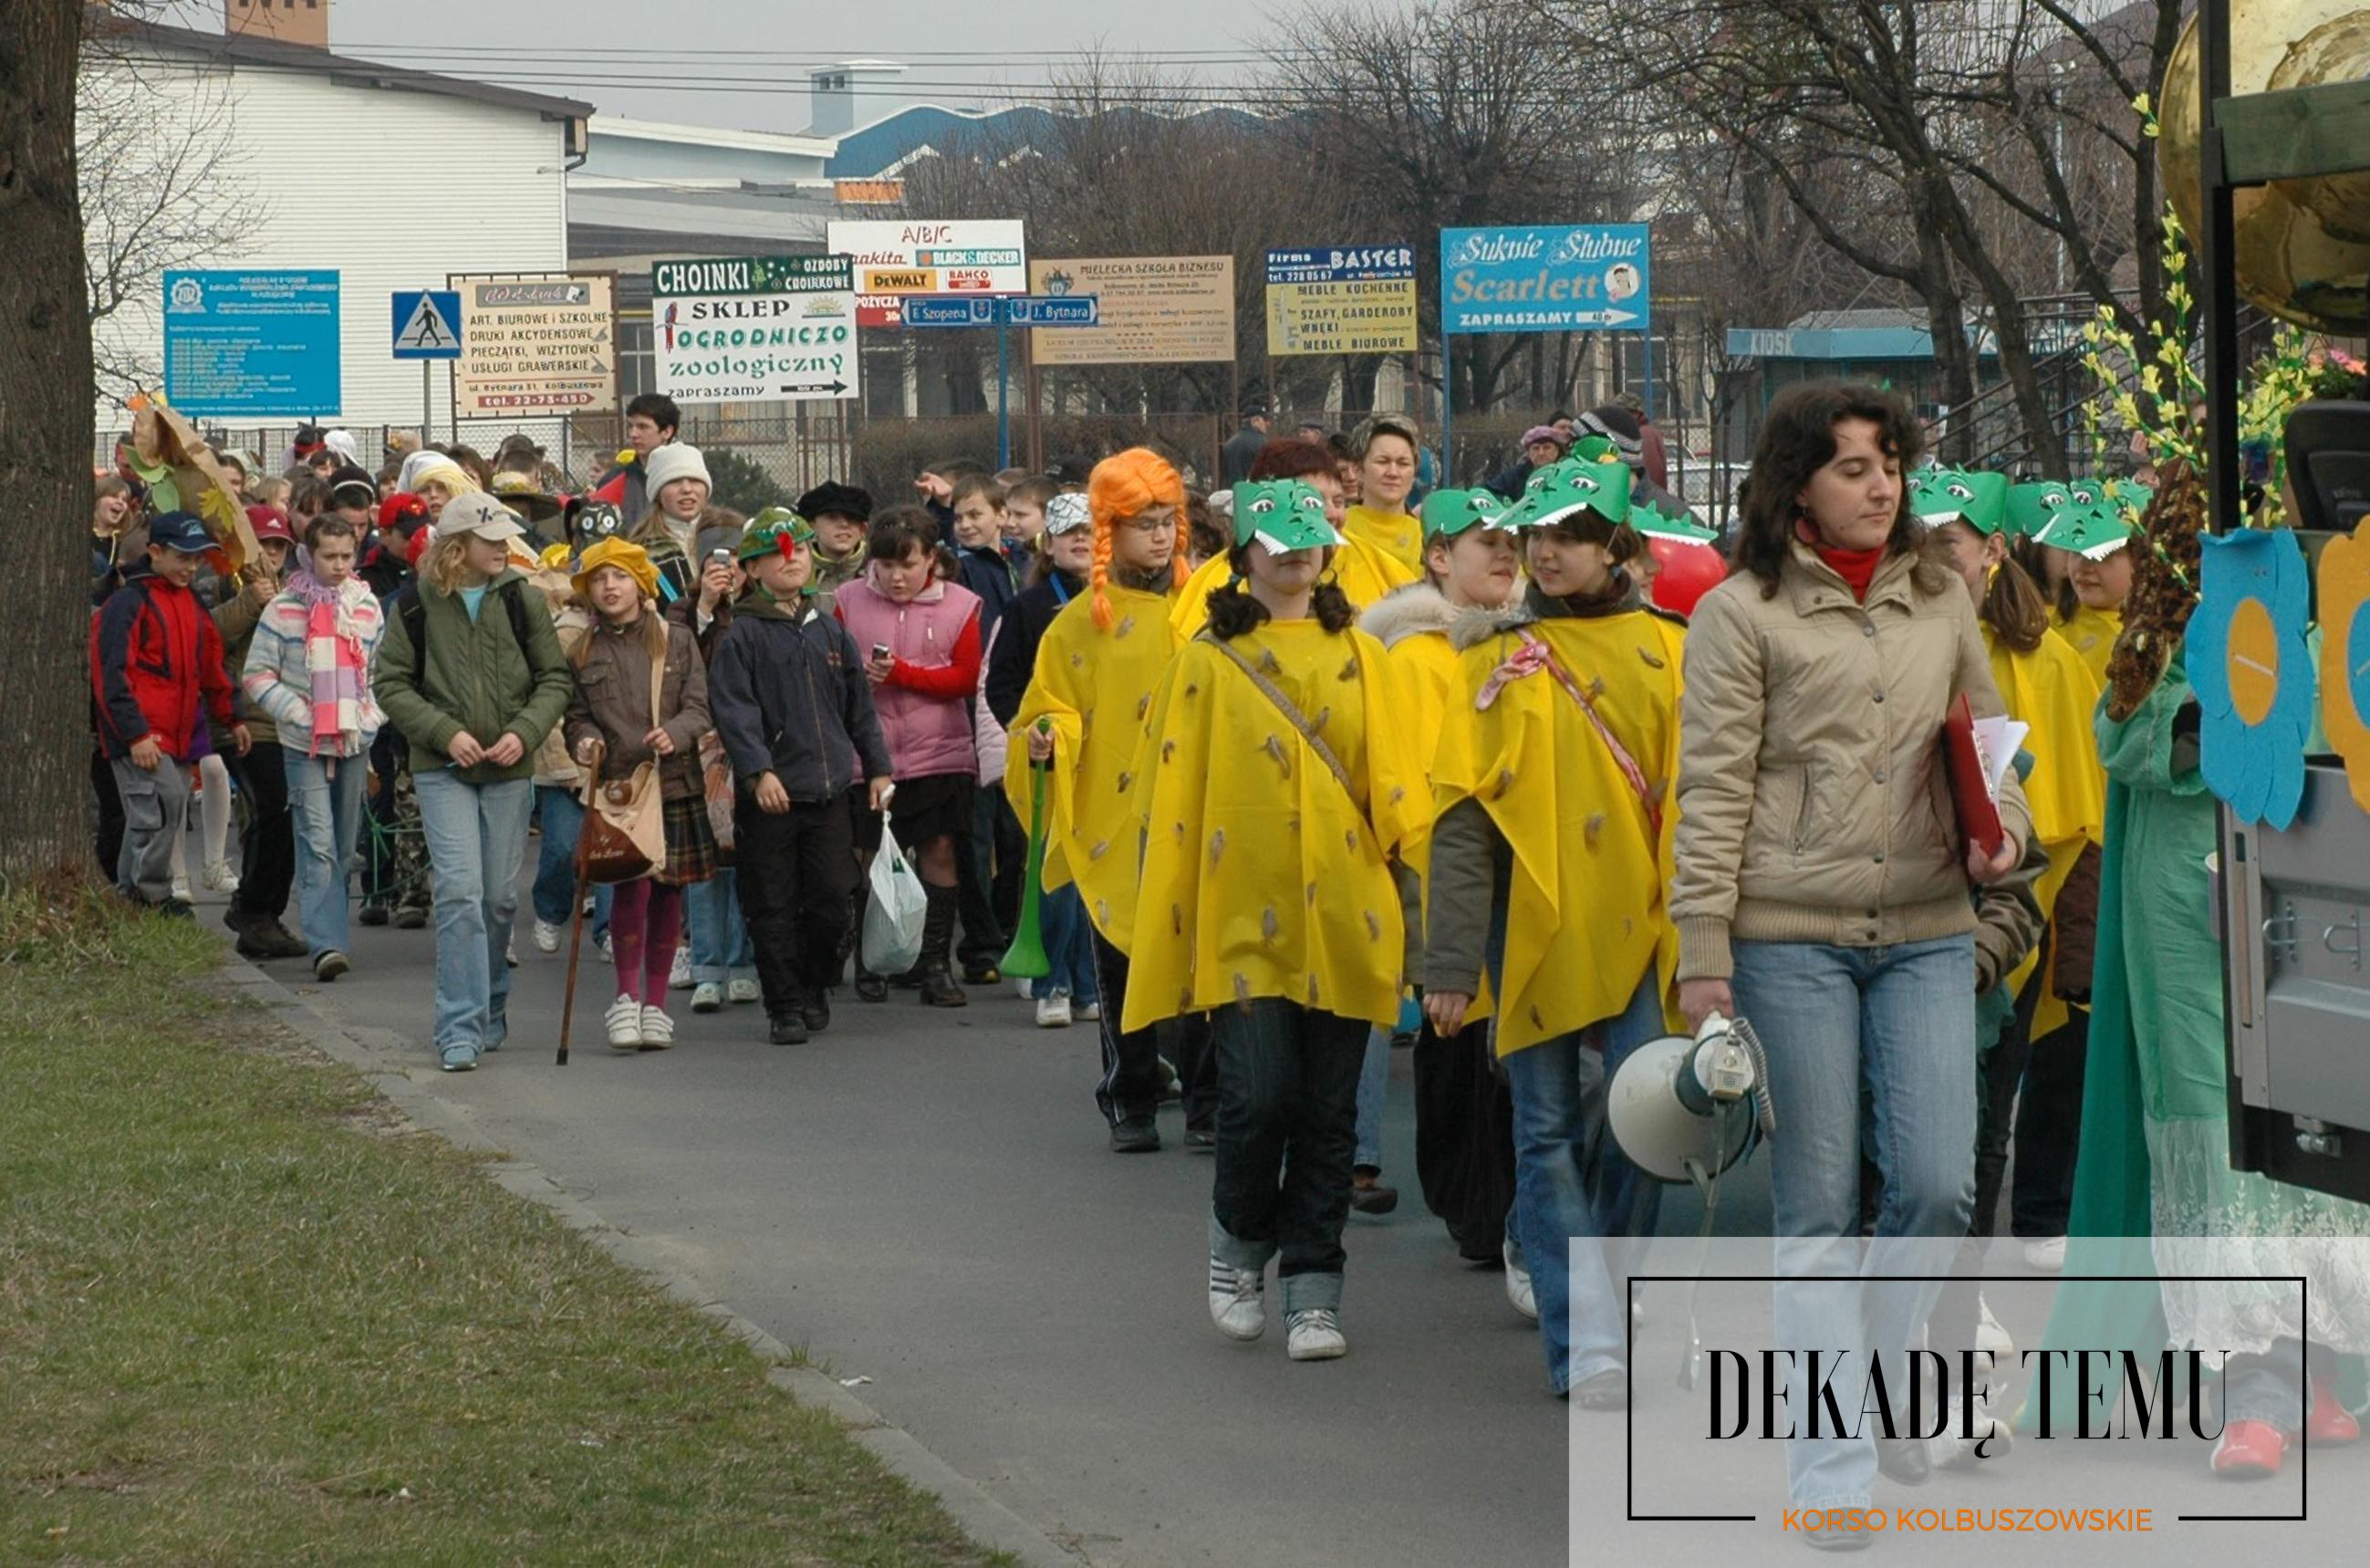 [DEKADĘ TEMU] Wiosenna parada ulicami miasta uczniów szkół z gminy Kolbuszowa - Zdjęcie główne